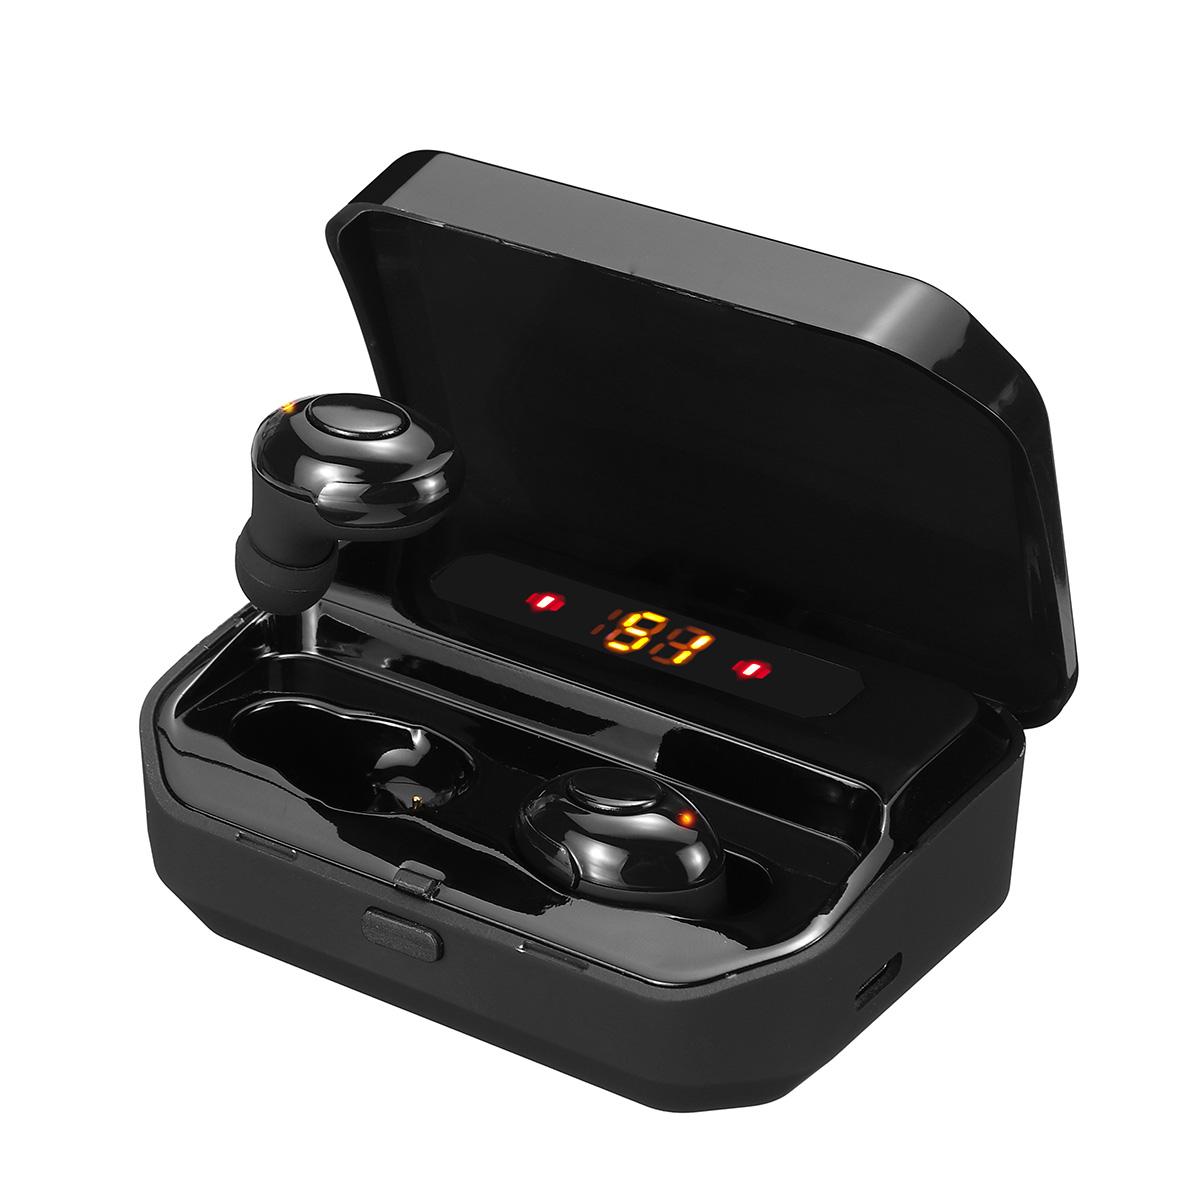 Дисплей Bluetooth-гарнитура 5.0 Беспроводные наушники CVC8.0 + DSP с шумоподавлением-вкладыши Спорт Наушник Автопары Наушники